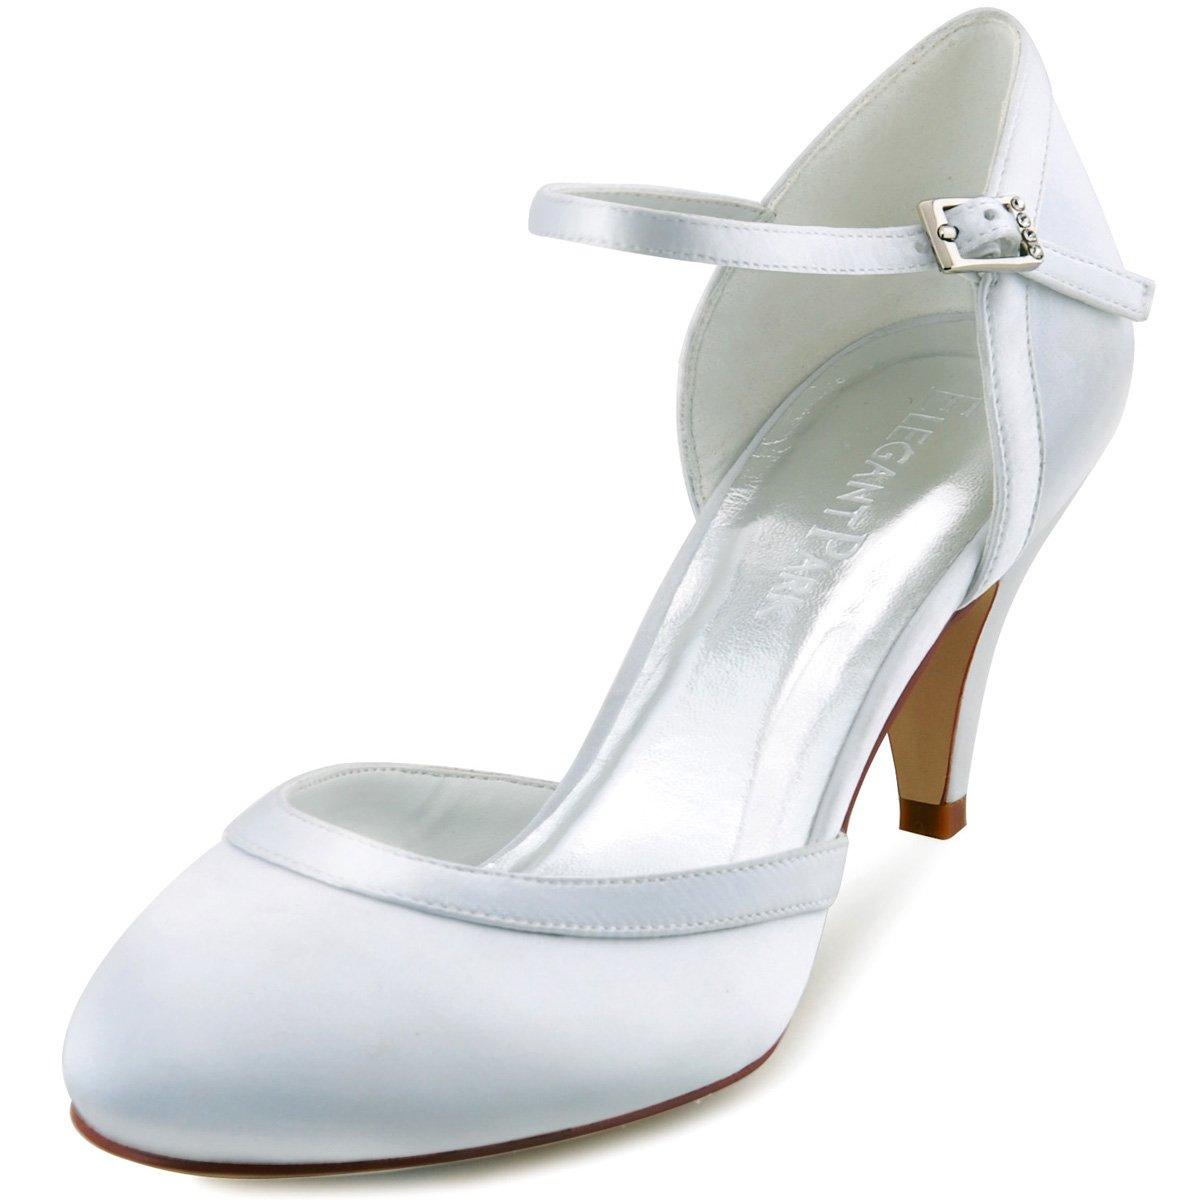 ElegantPark rond HC1509 Escarpins B07H7H9BJG Femme Bride Mariage cheville Boucle Bout rond Mary Janes Satin Chaussures Pompes a Talon de Mariee Mariage Blanc d32d778 - latesttechnology.space